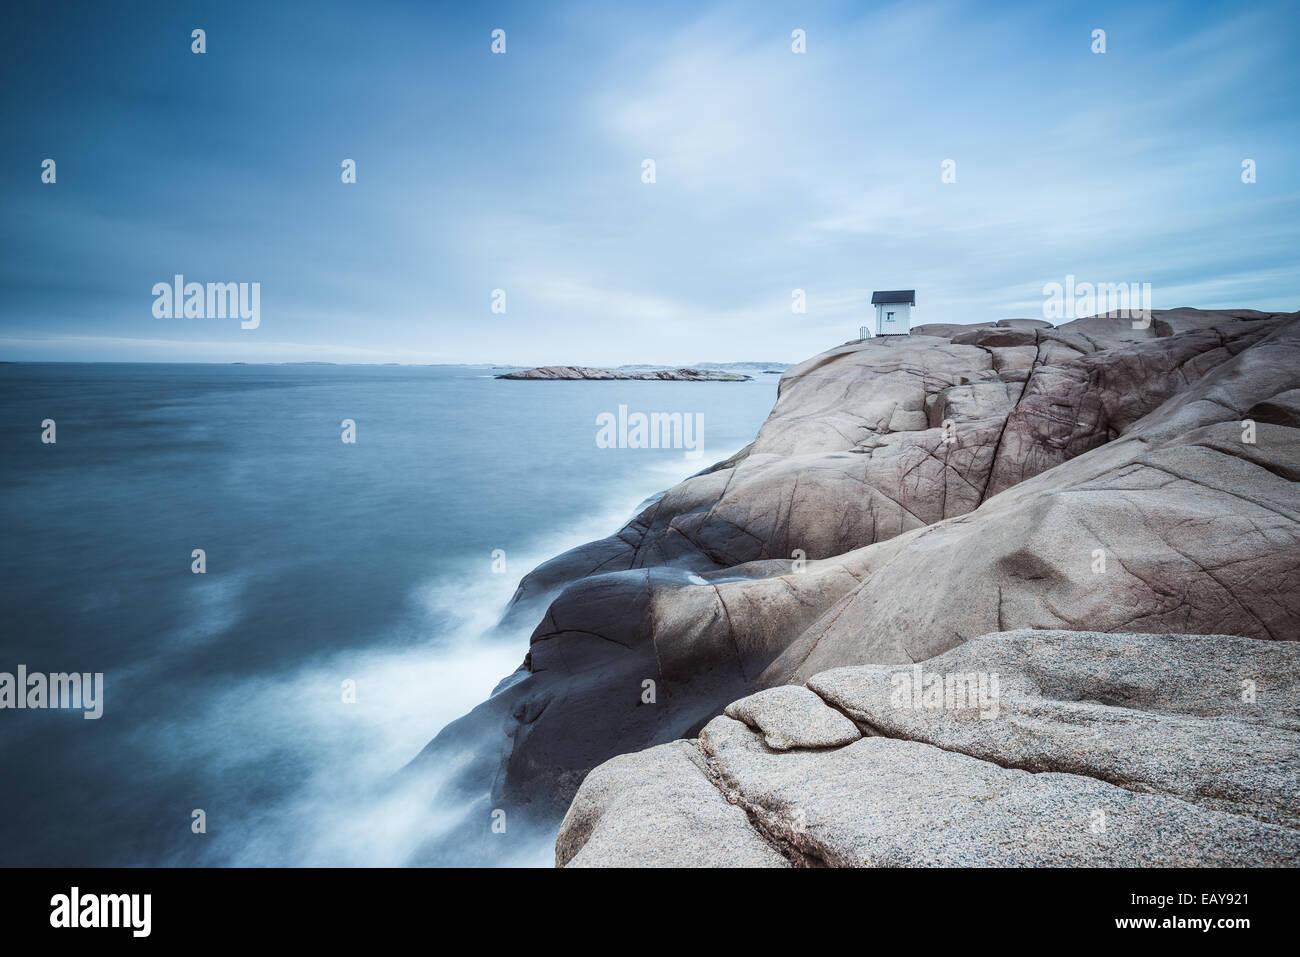 Cabine sur falaise près de la mer avec ciel dramatique Photo Stock